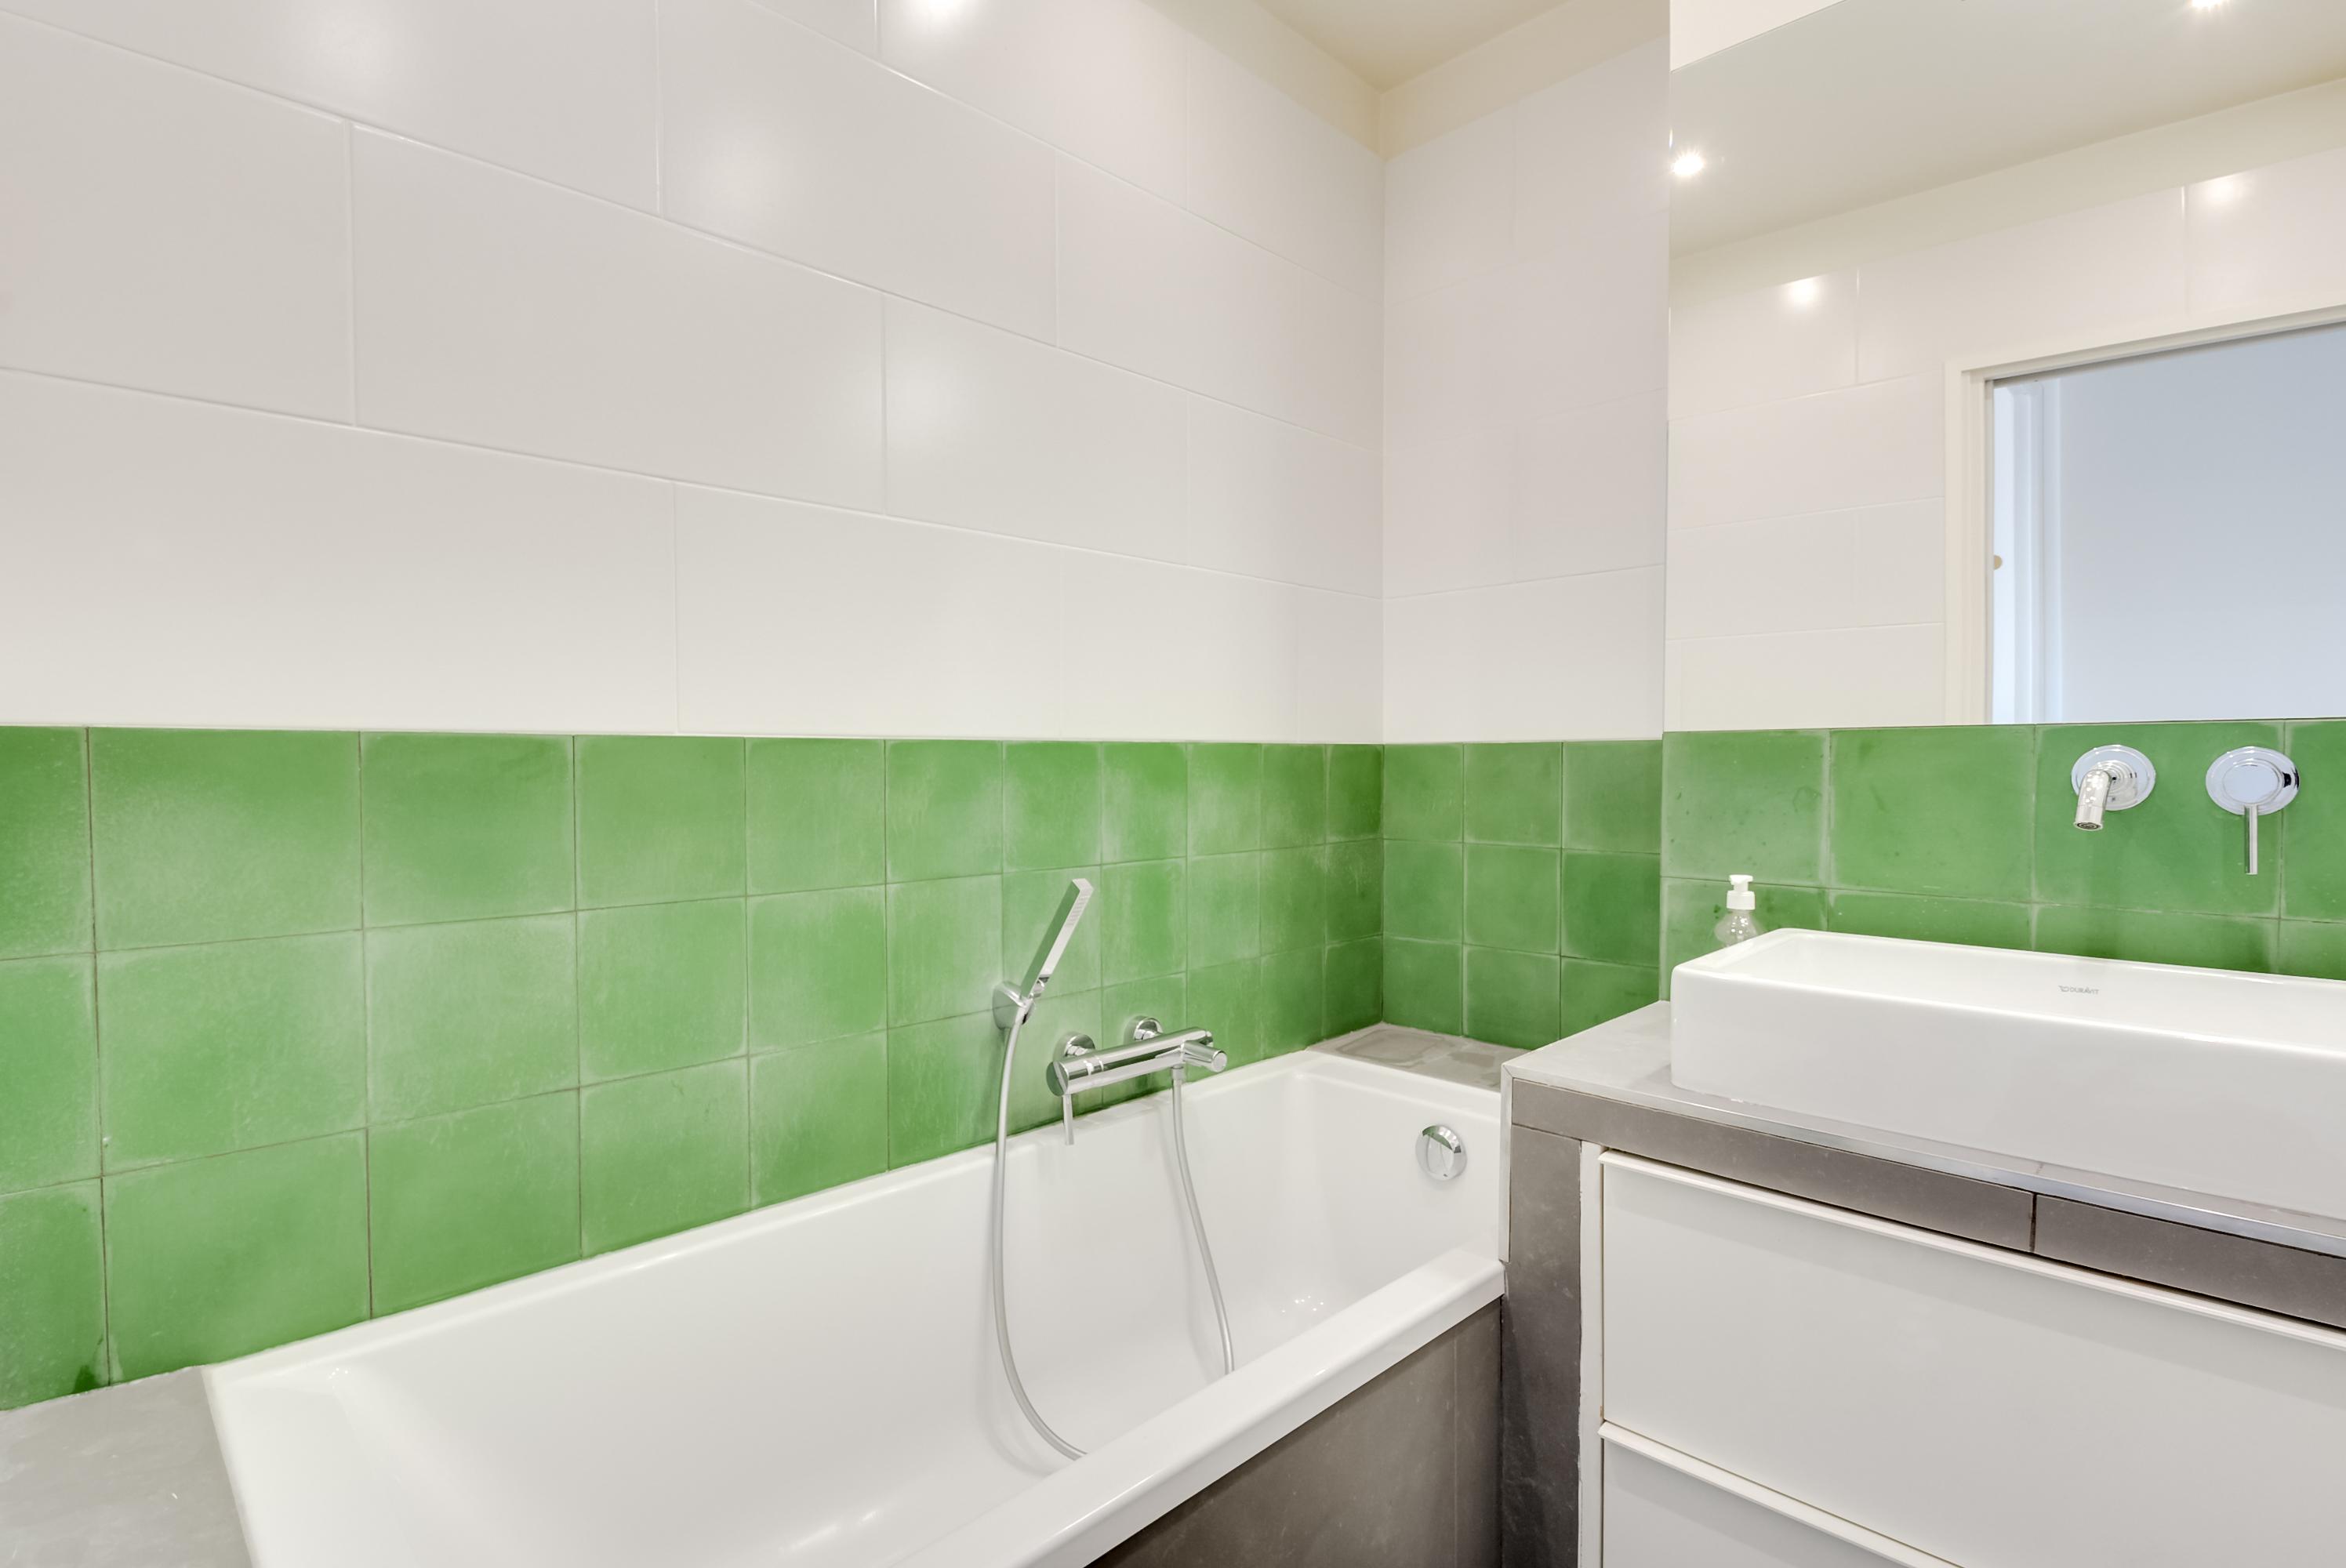 Dernier Etage Paris - salle de bain